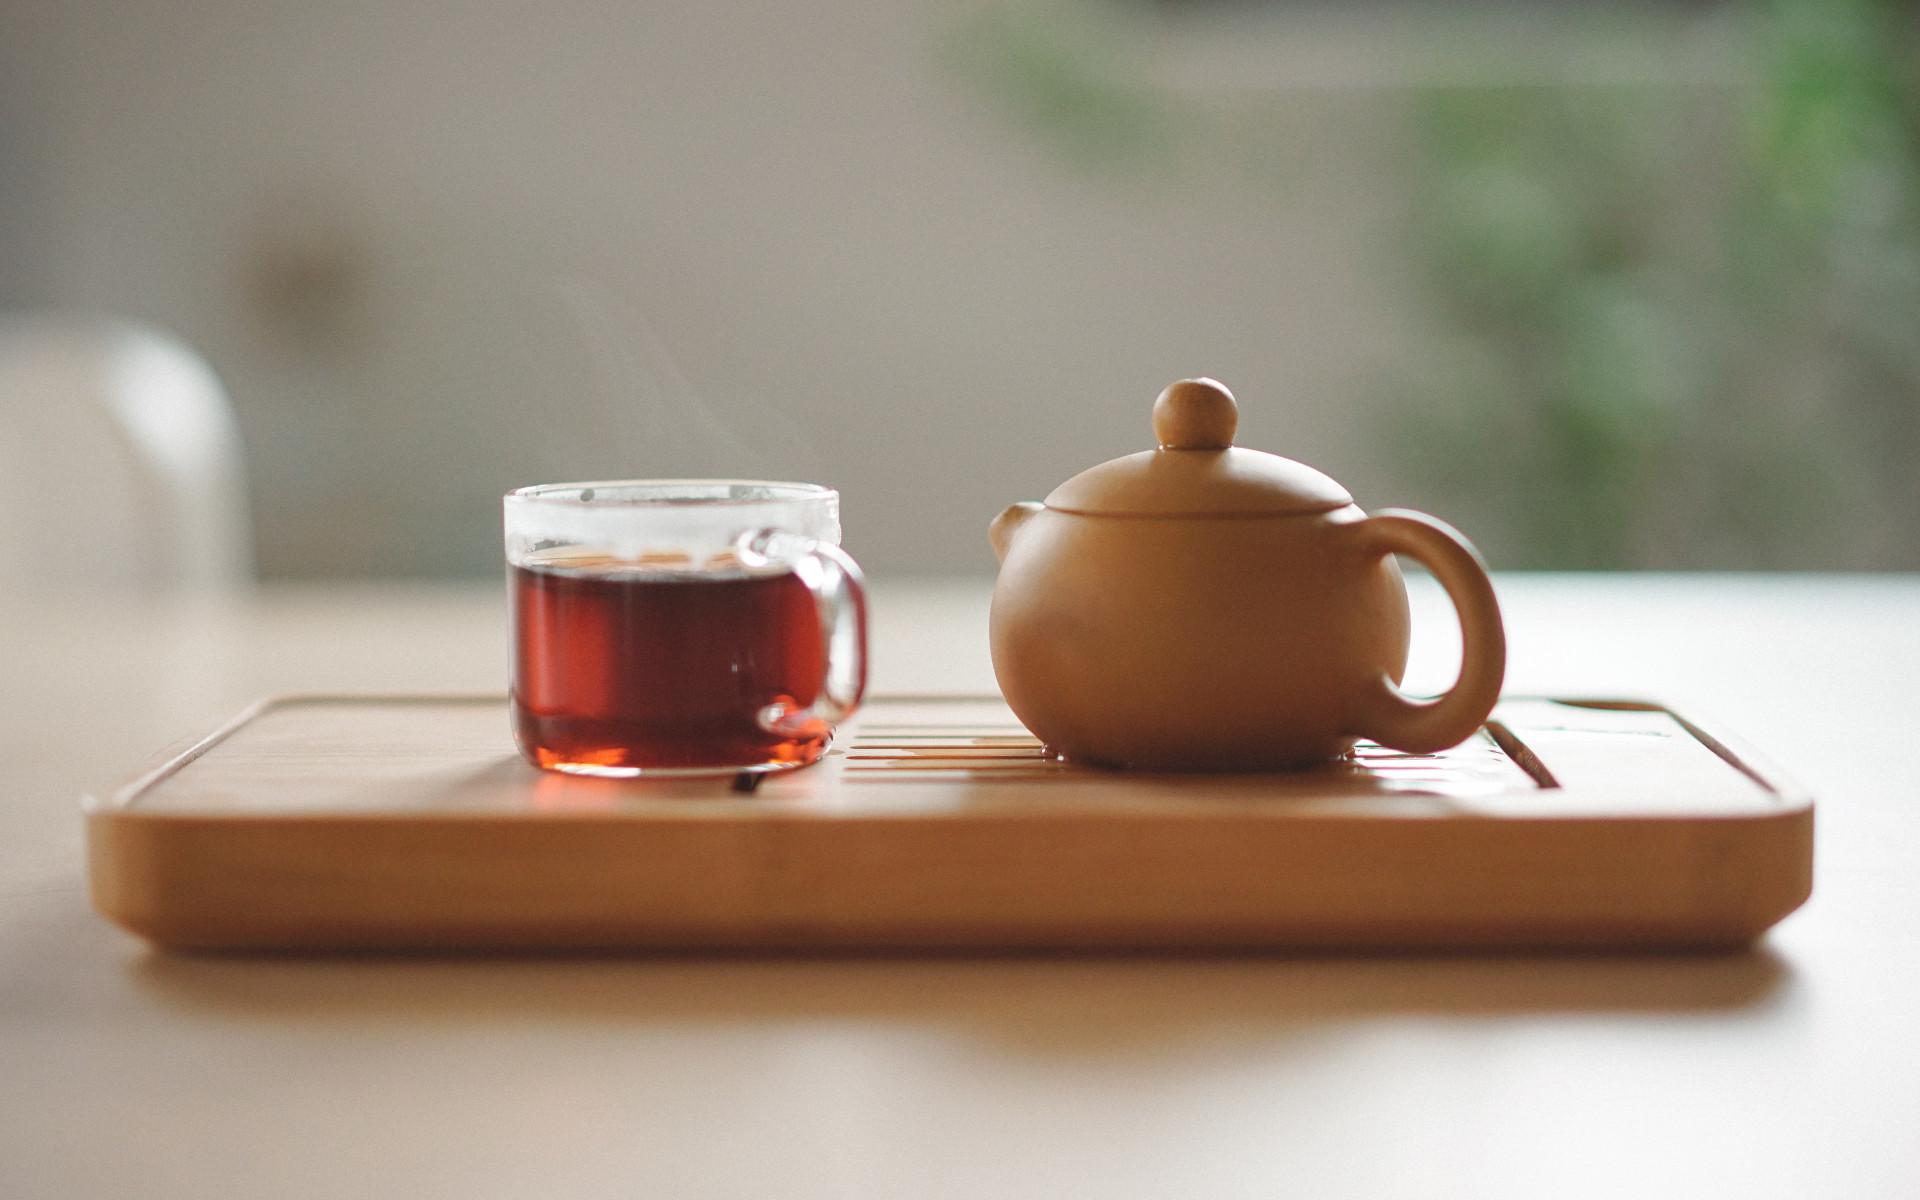 Schwarz-Tee-Kanne-Tasse-Eisen